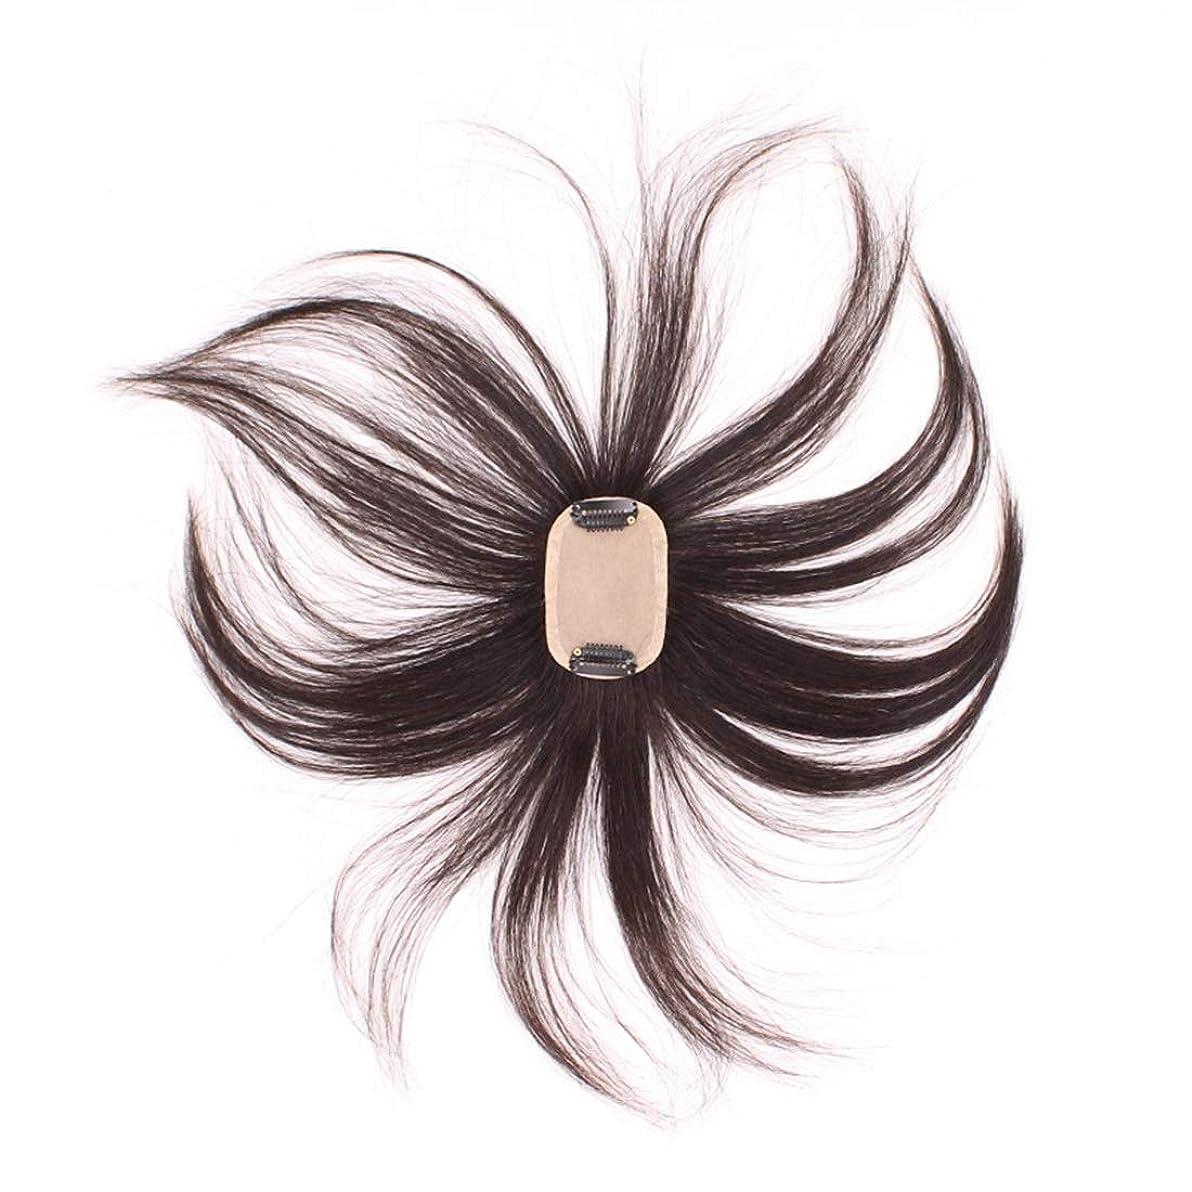 から聞く印刷するオンスBOBIDYEE フルハンド織りヘアピースハンドニードルヘアライン再発行本物のかつら男性と女性のための人工毛レースのかつらロールプレイングかつら (色 : Natural black)